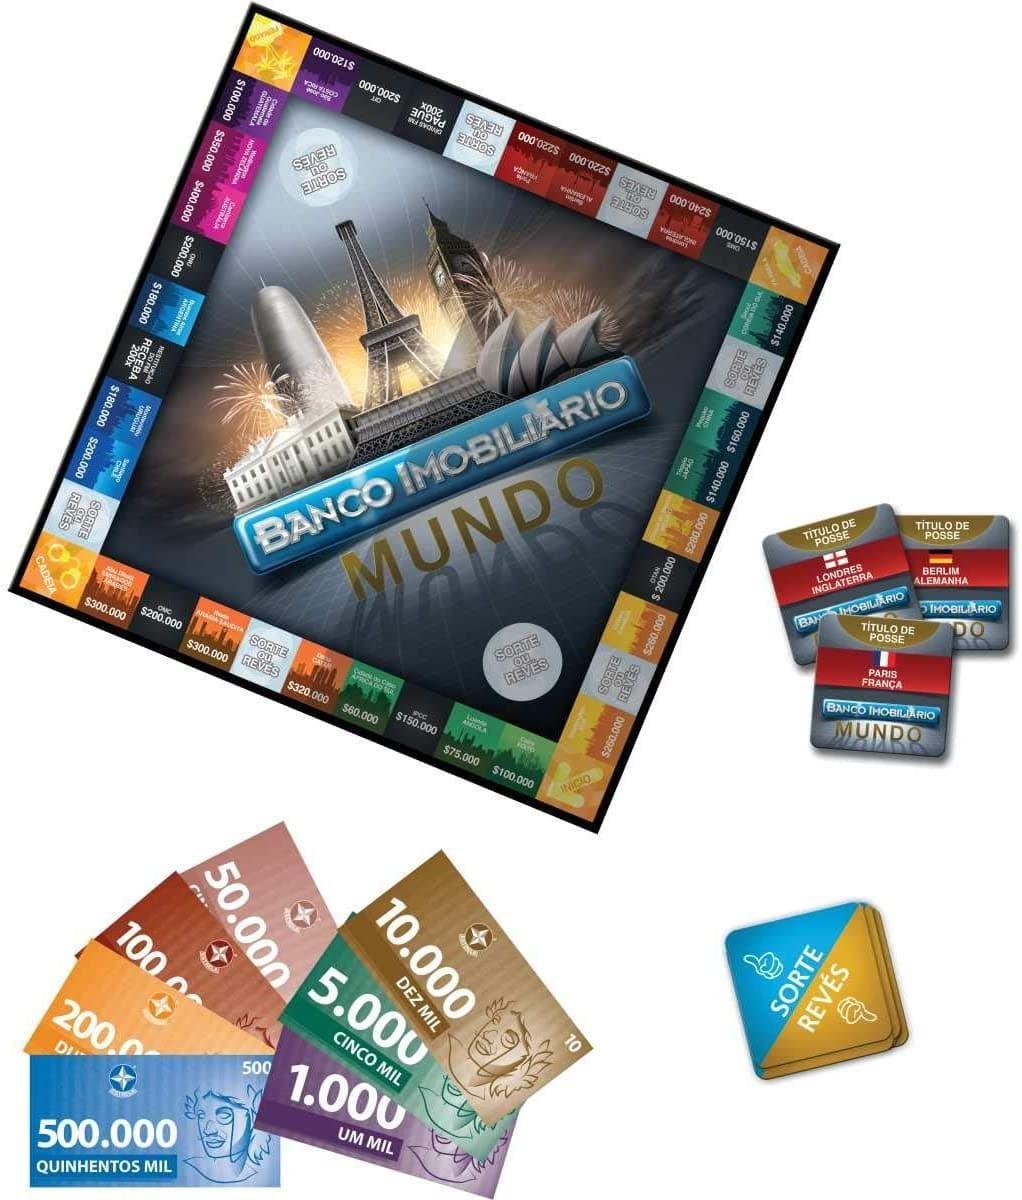 Jogo De Tabuleiro Banco Imobiliario Mundo Estrela Compre Agora Em Nossa Loja Online Acesse Www Vendasbrasilsr Com Br Banco Imobiliario Jogos Jogos Classicos